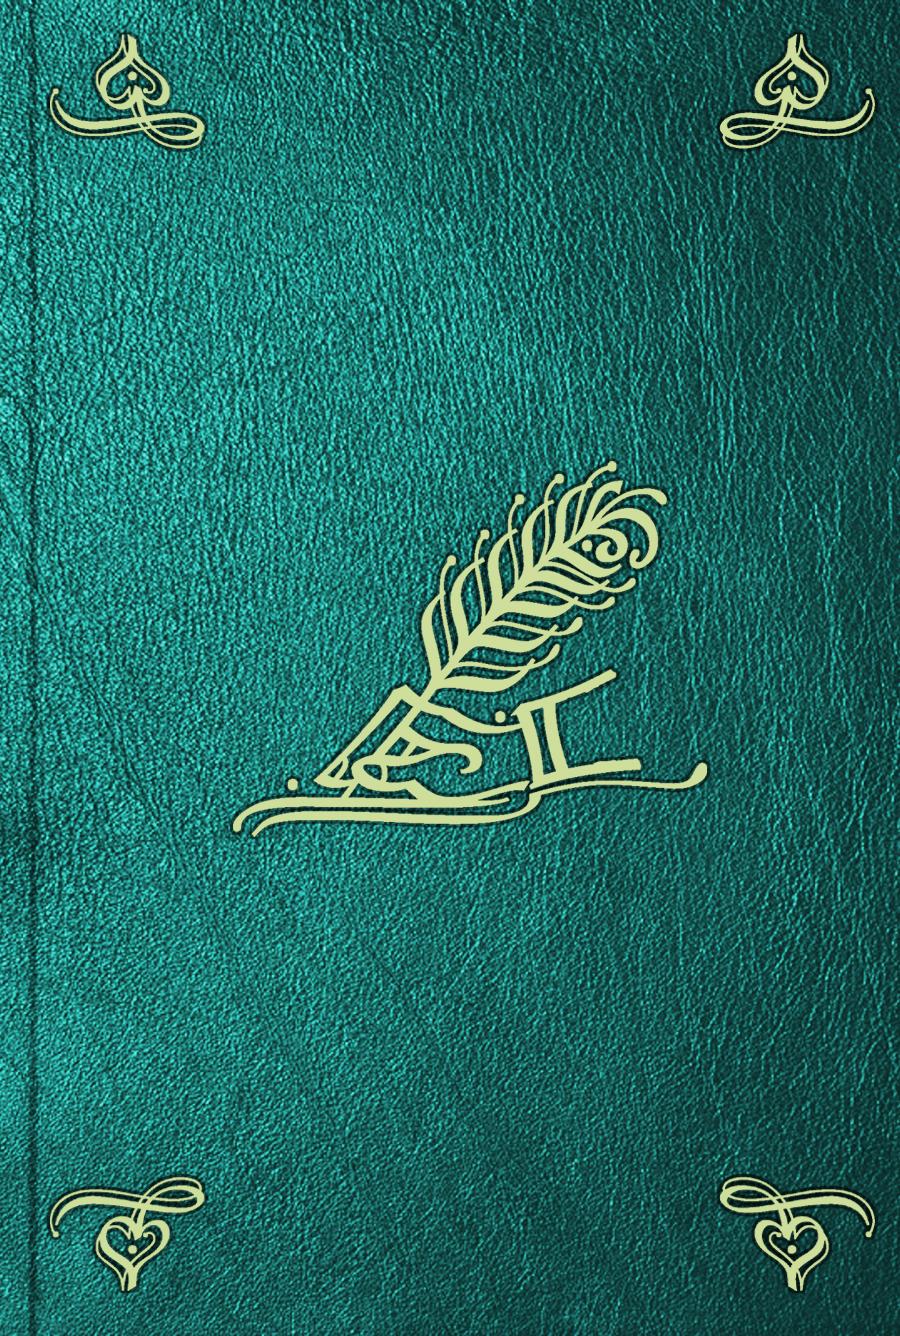 Pierre Loius Ginguené Storia della letteratura italiana. T. 6 pierre loius ginguené storia della letteratura italiana t 1